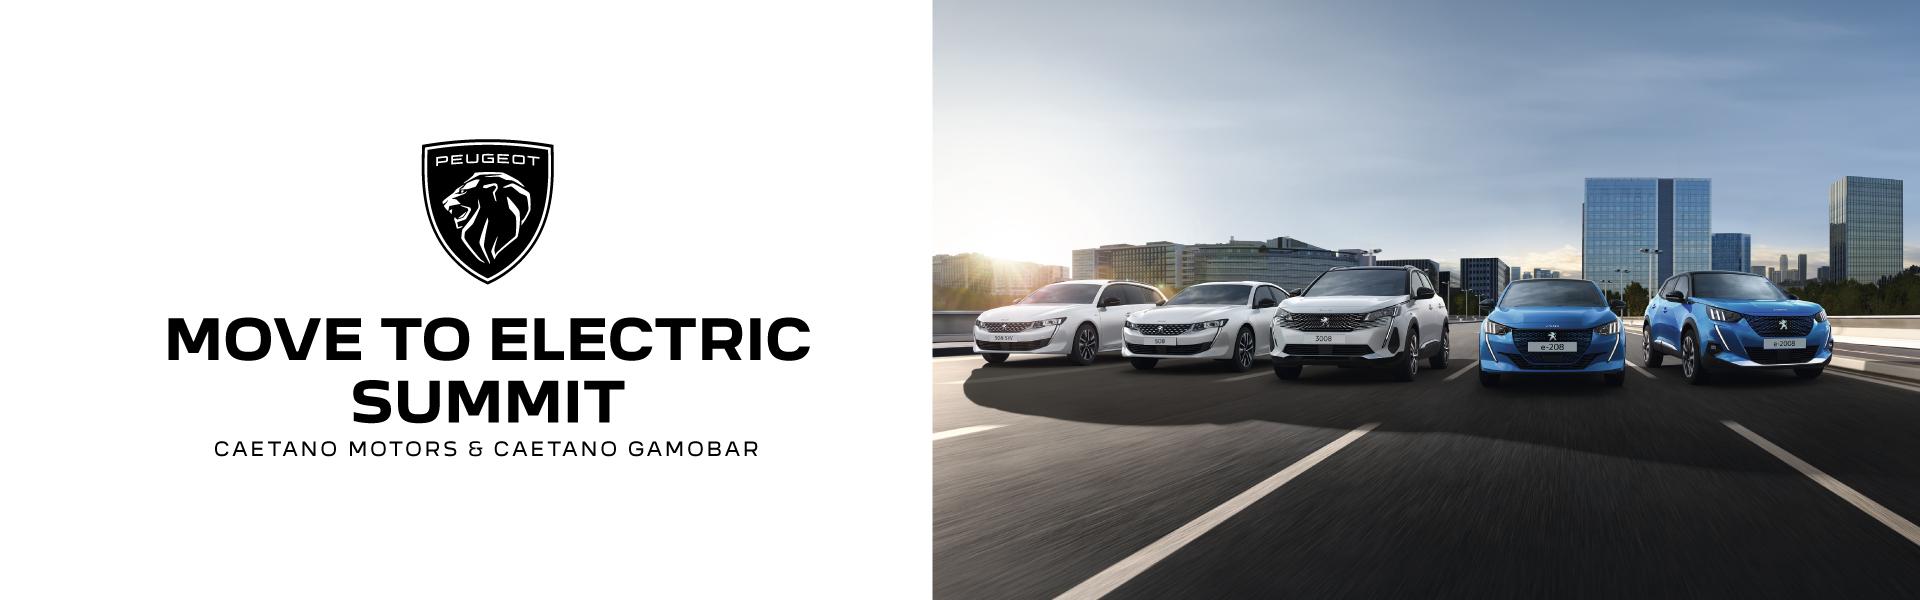 Peugeot Move to Electric nos concessionários Caetano Motors e Gamobar